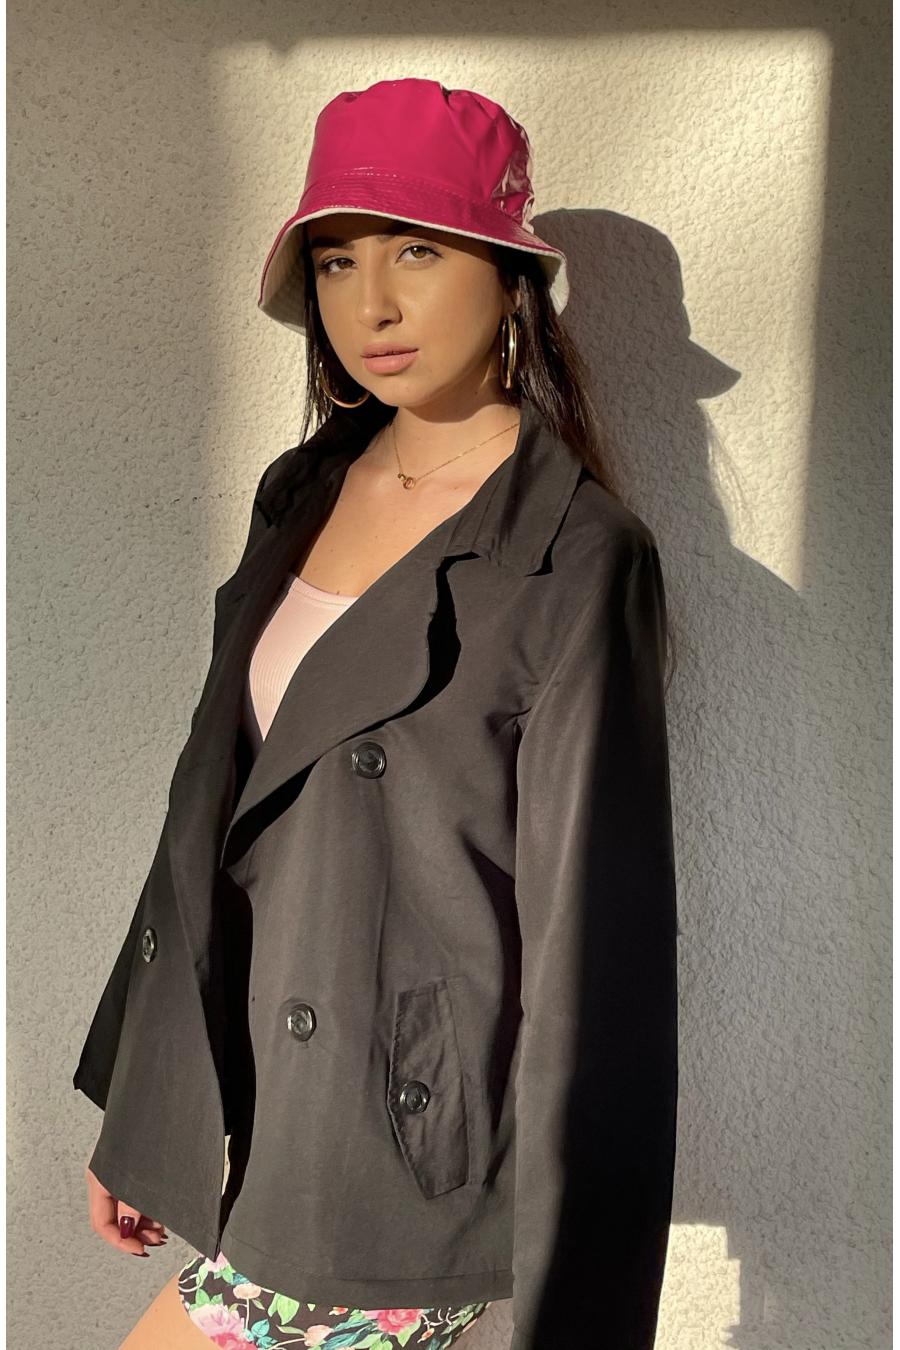 Superbe petit paletot noir, les classiques de la mode. Dressing fashion de modeuse